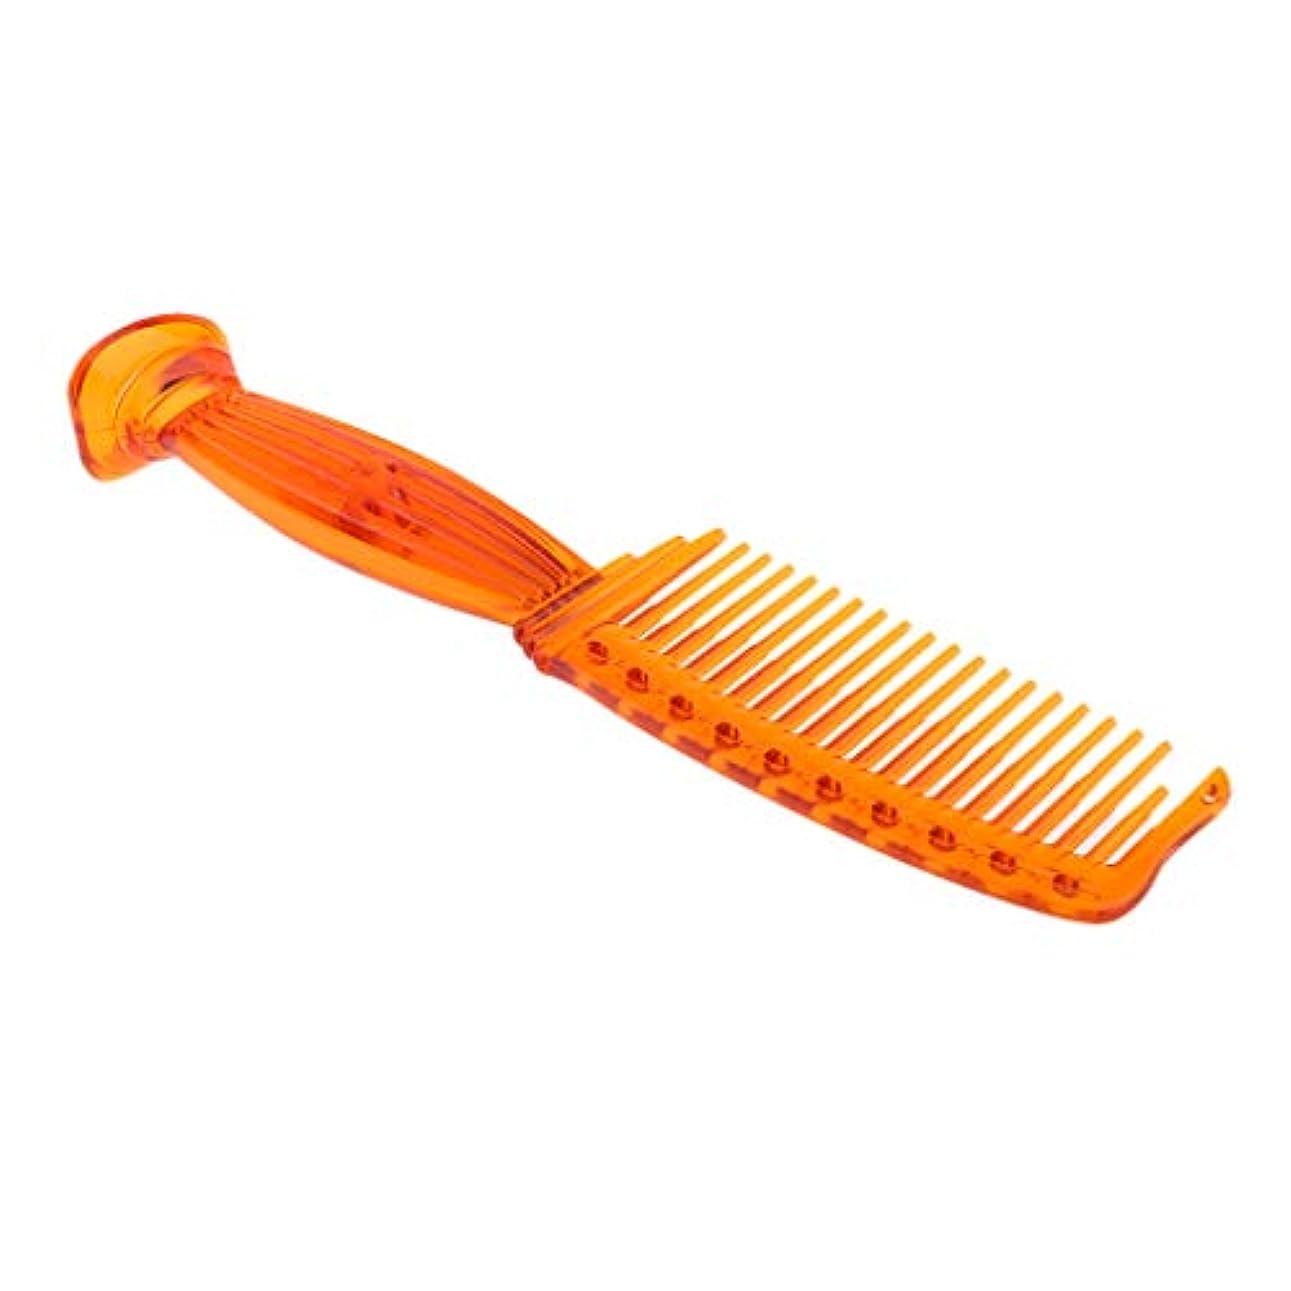 刃カーテン眩惑するヘアコーム ヘアブラシ ワイド歯 プラスチック プロ ヘアサロン 理髪師 全5色選べ - オレンジ